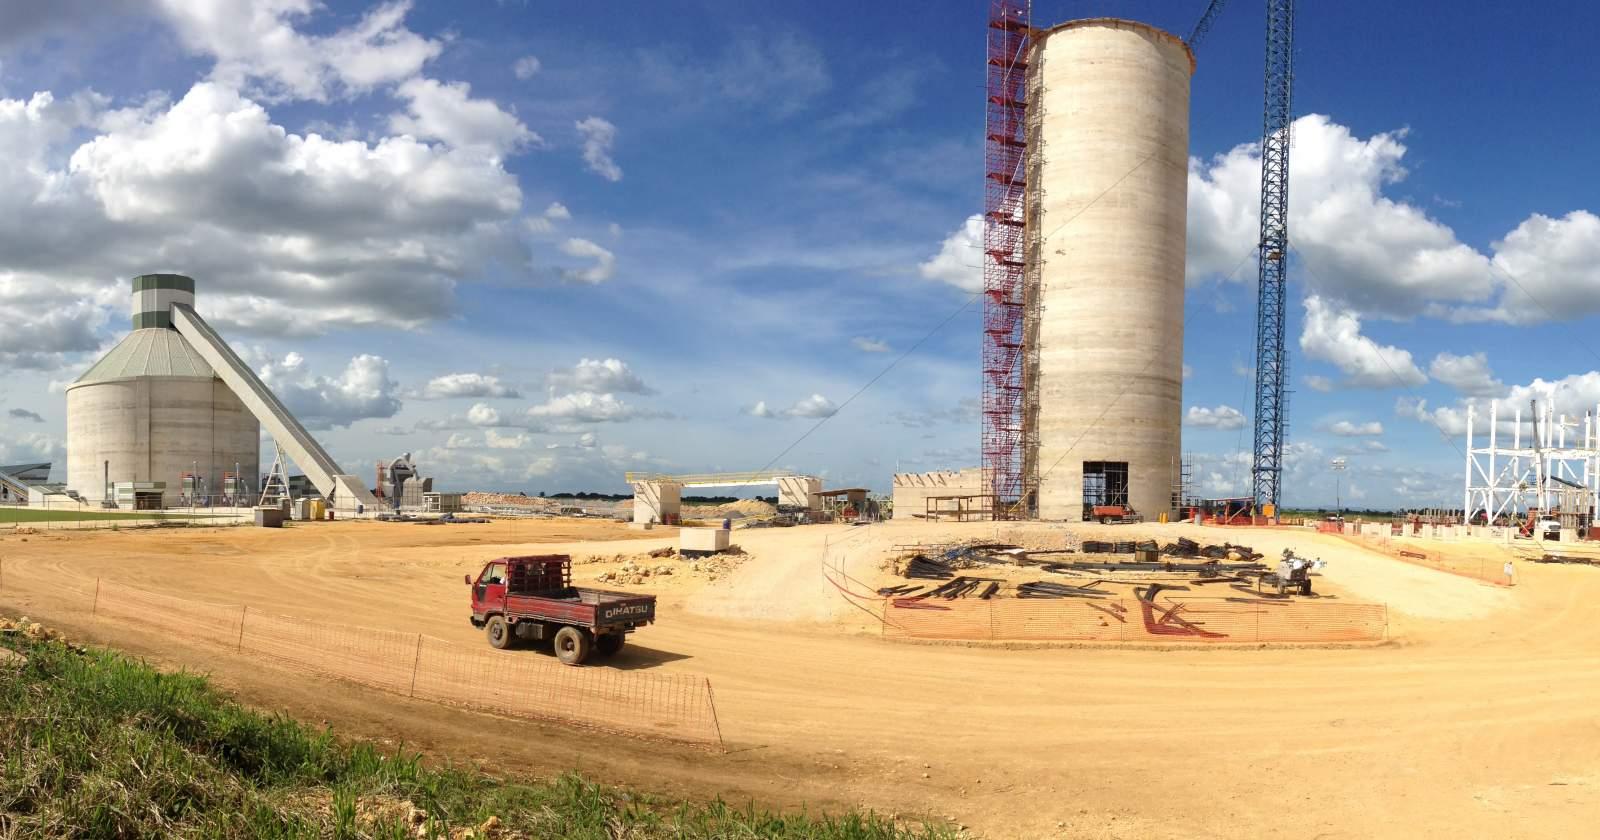 Consorcio Minero Dominicana proyecto-saxum-mineria-industria-construccion-empresas-ingenieria-argentina-litio-cementera